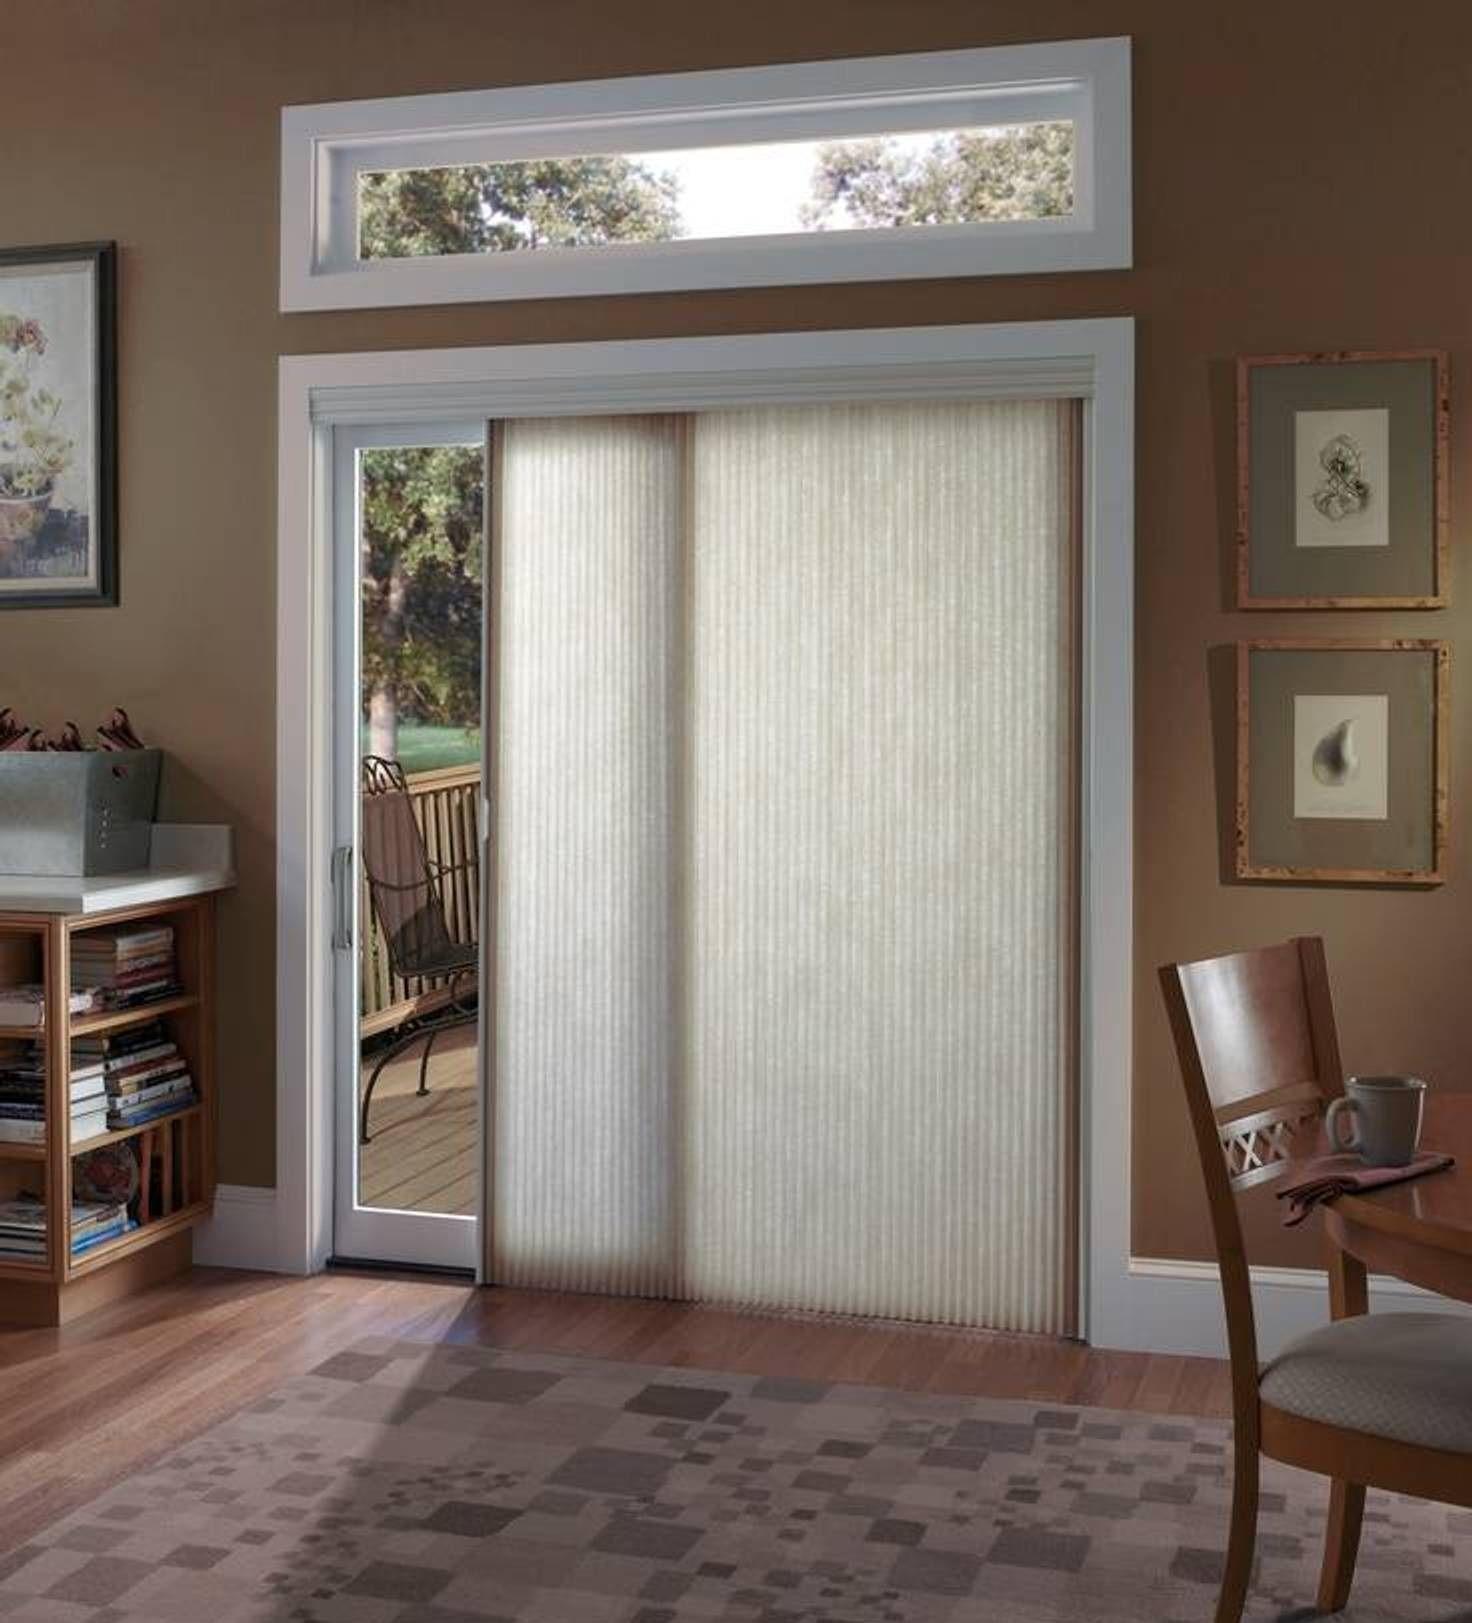 Remarkable Sliding Glass Door Window Treatments | Interior ...